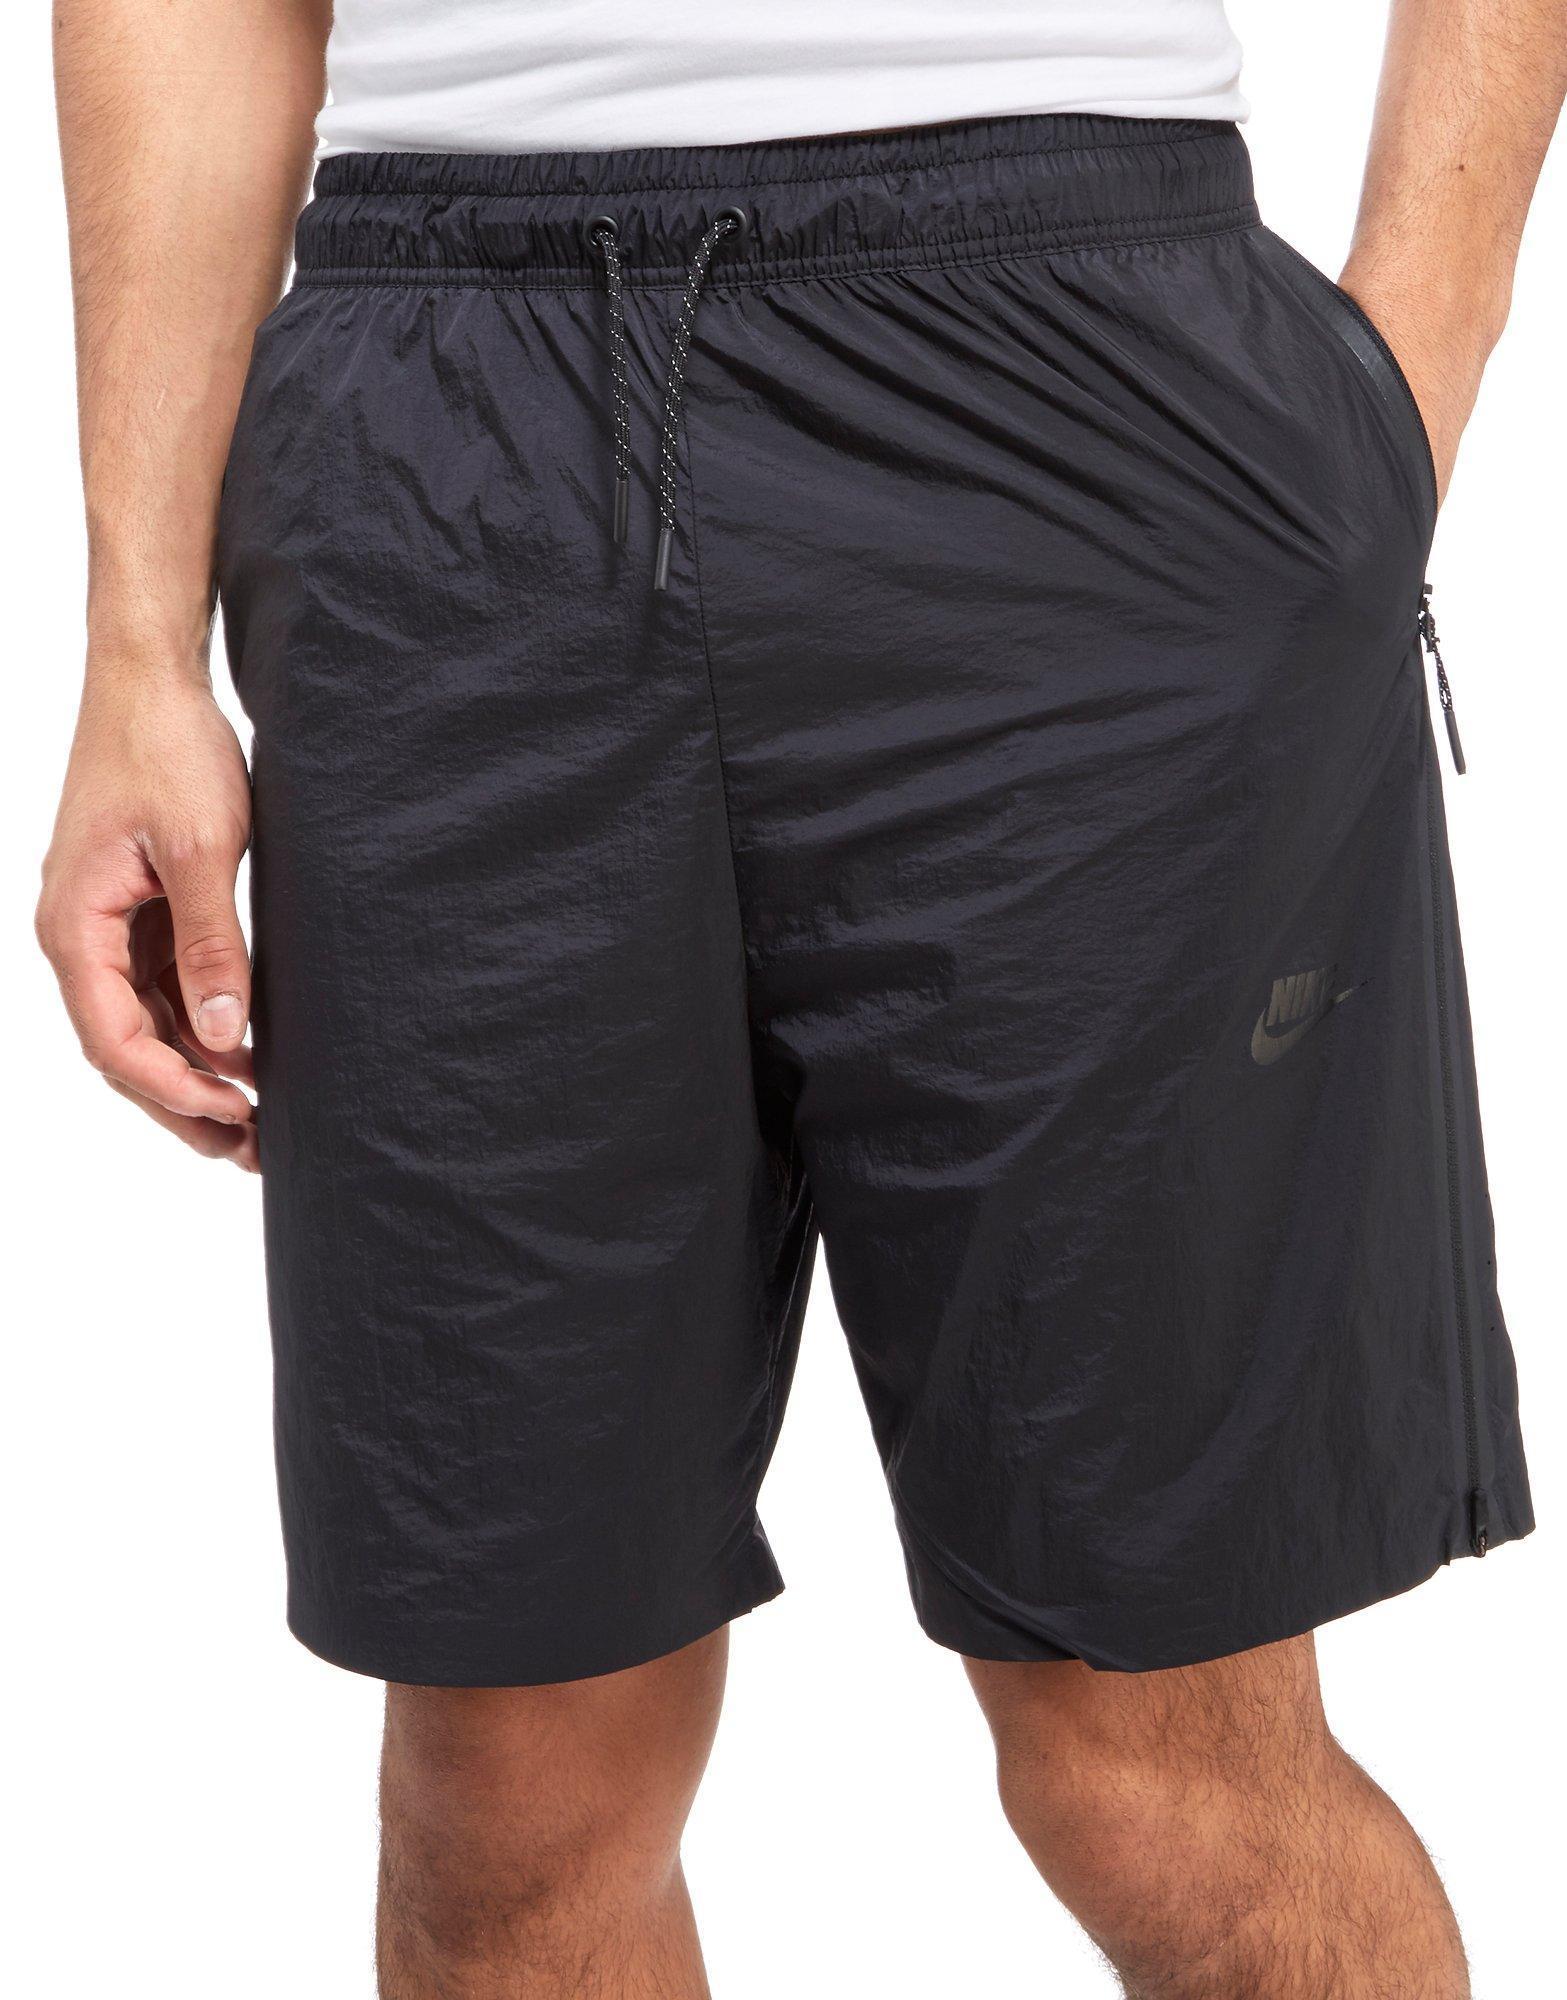 Lyst - Nike Sportswear Tech Hypermesh Shorts in Black for Men